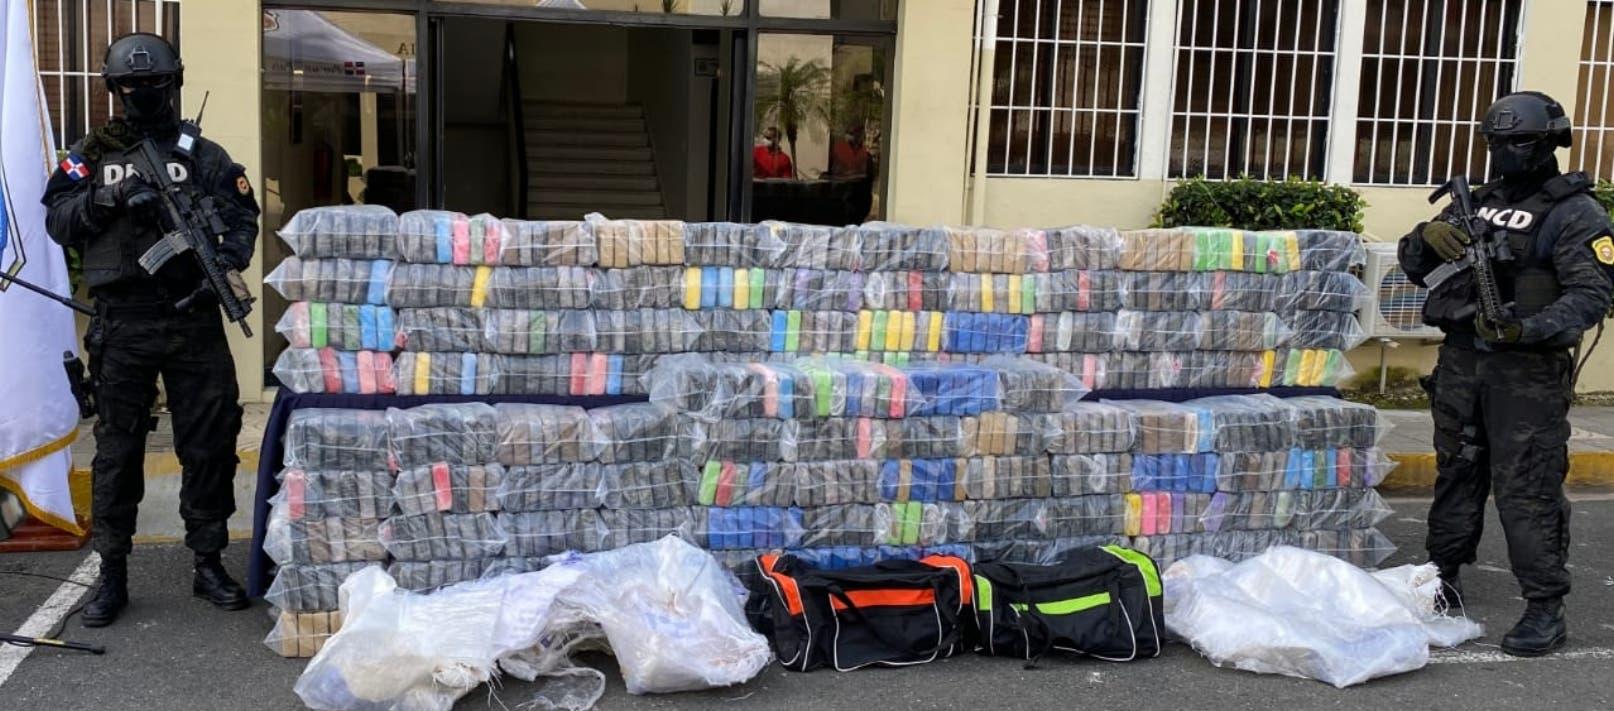 Cocaína ocupada  tenía como destino a Bélgica